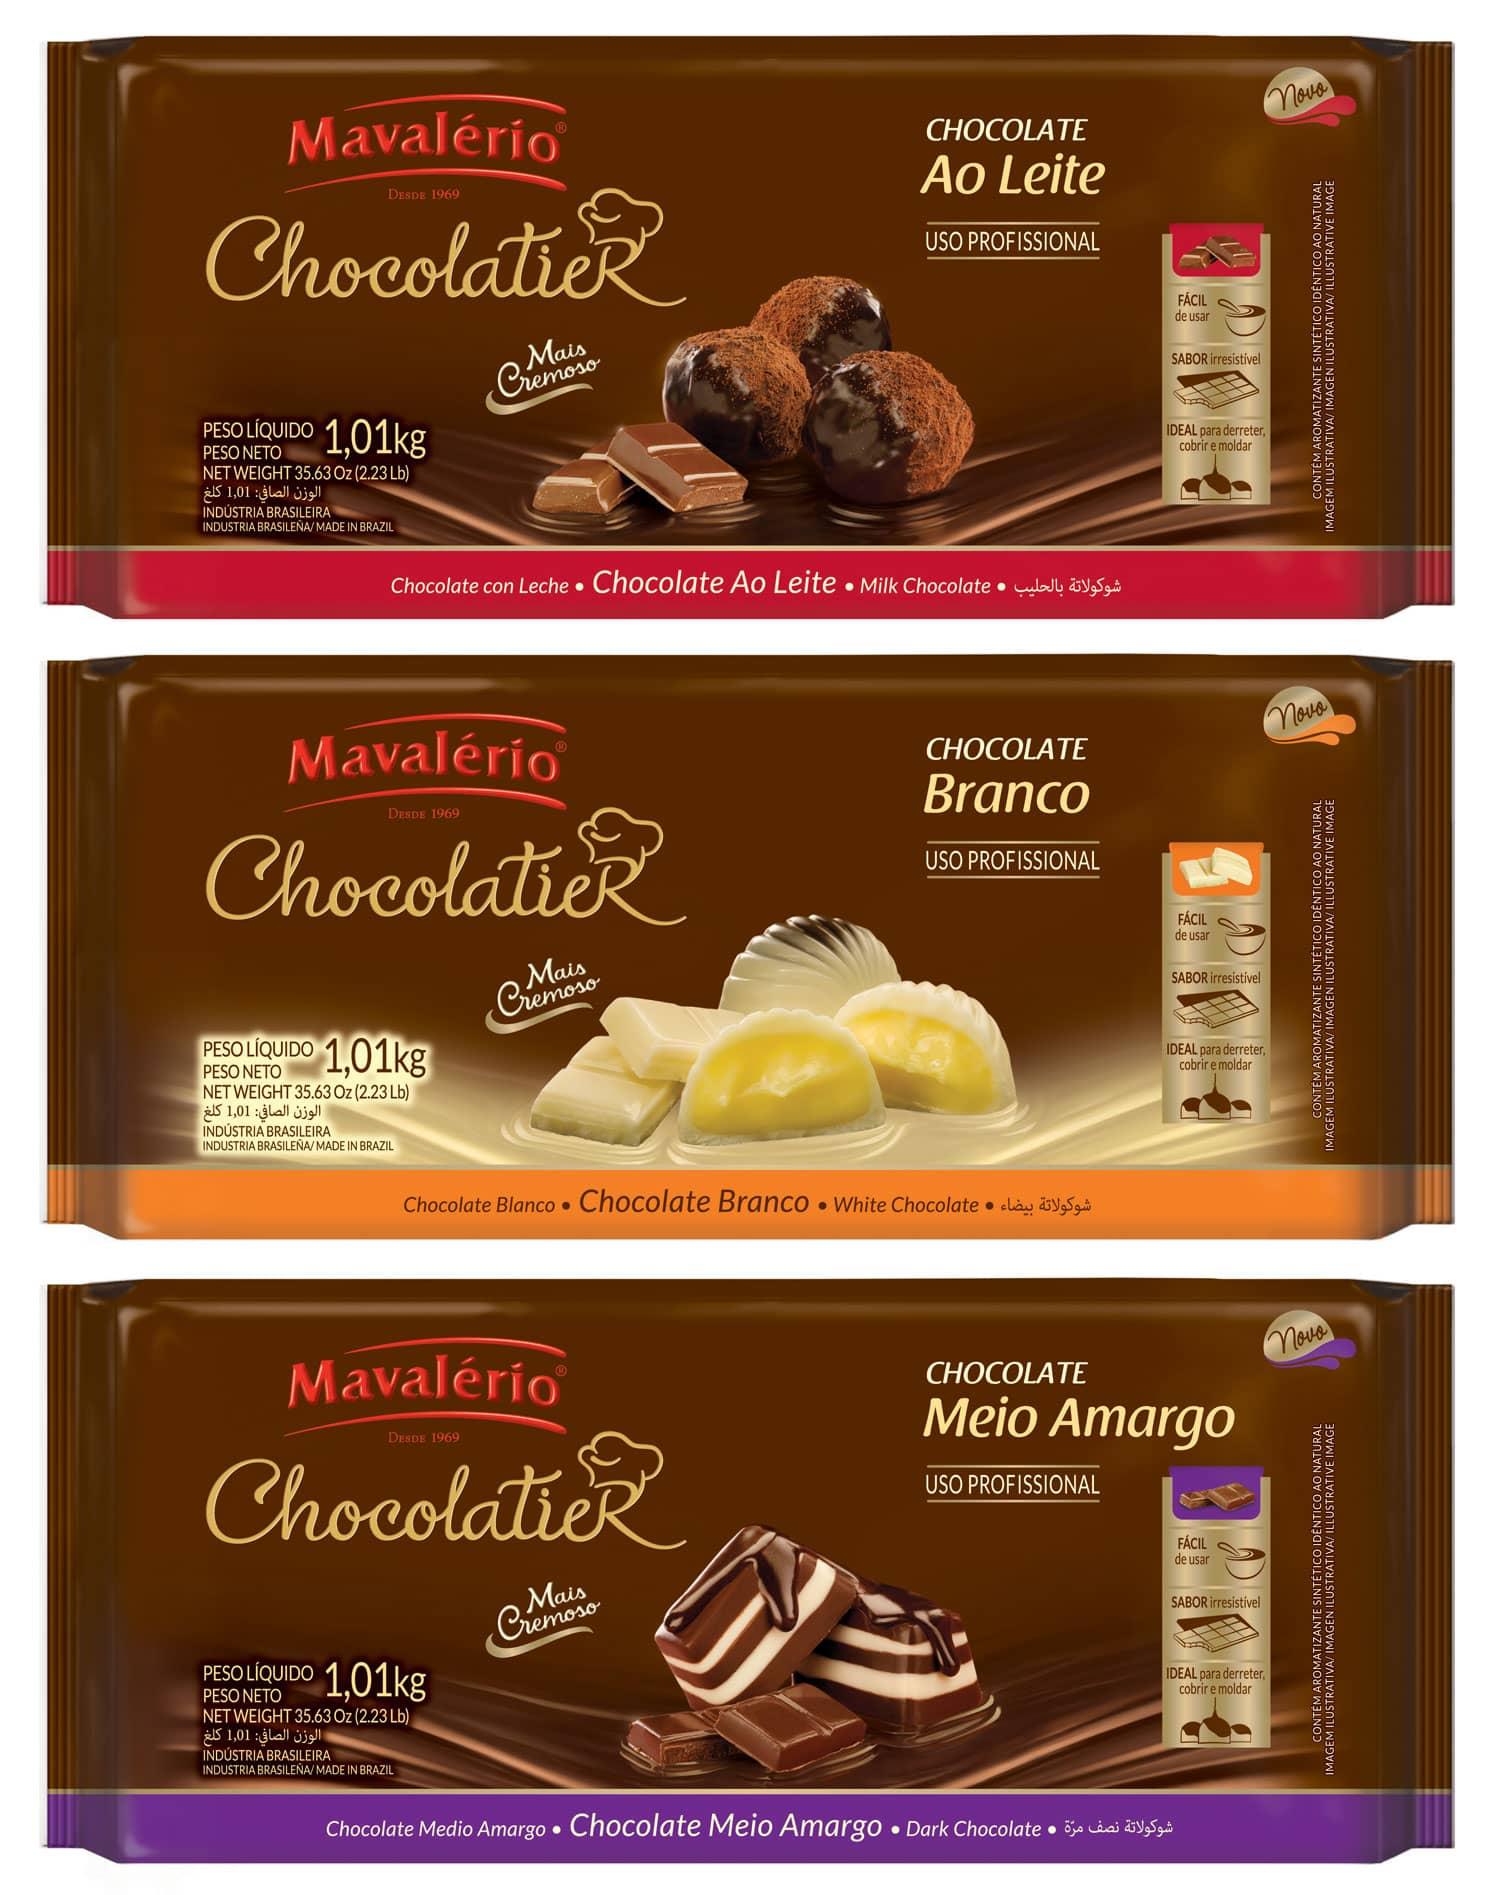 mavalerio-chocolatier